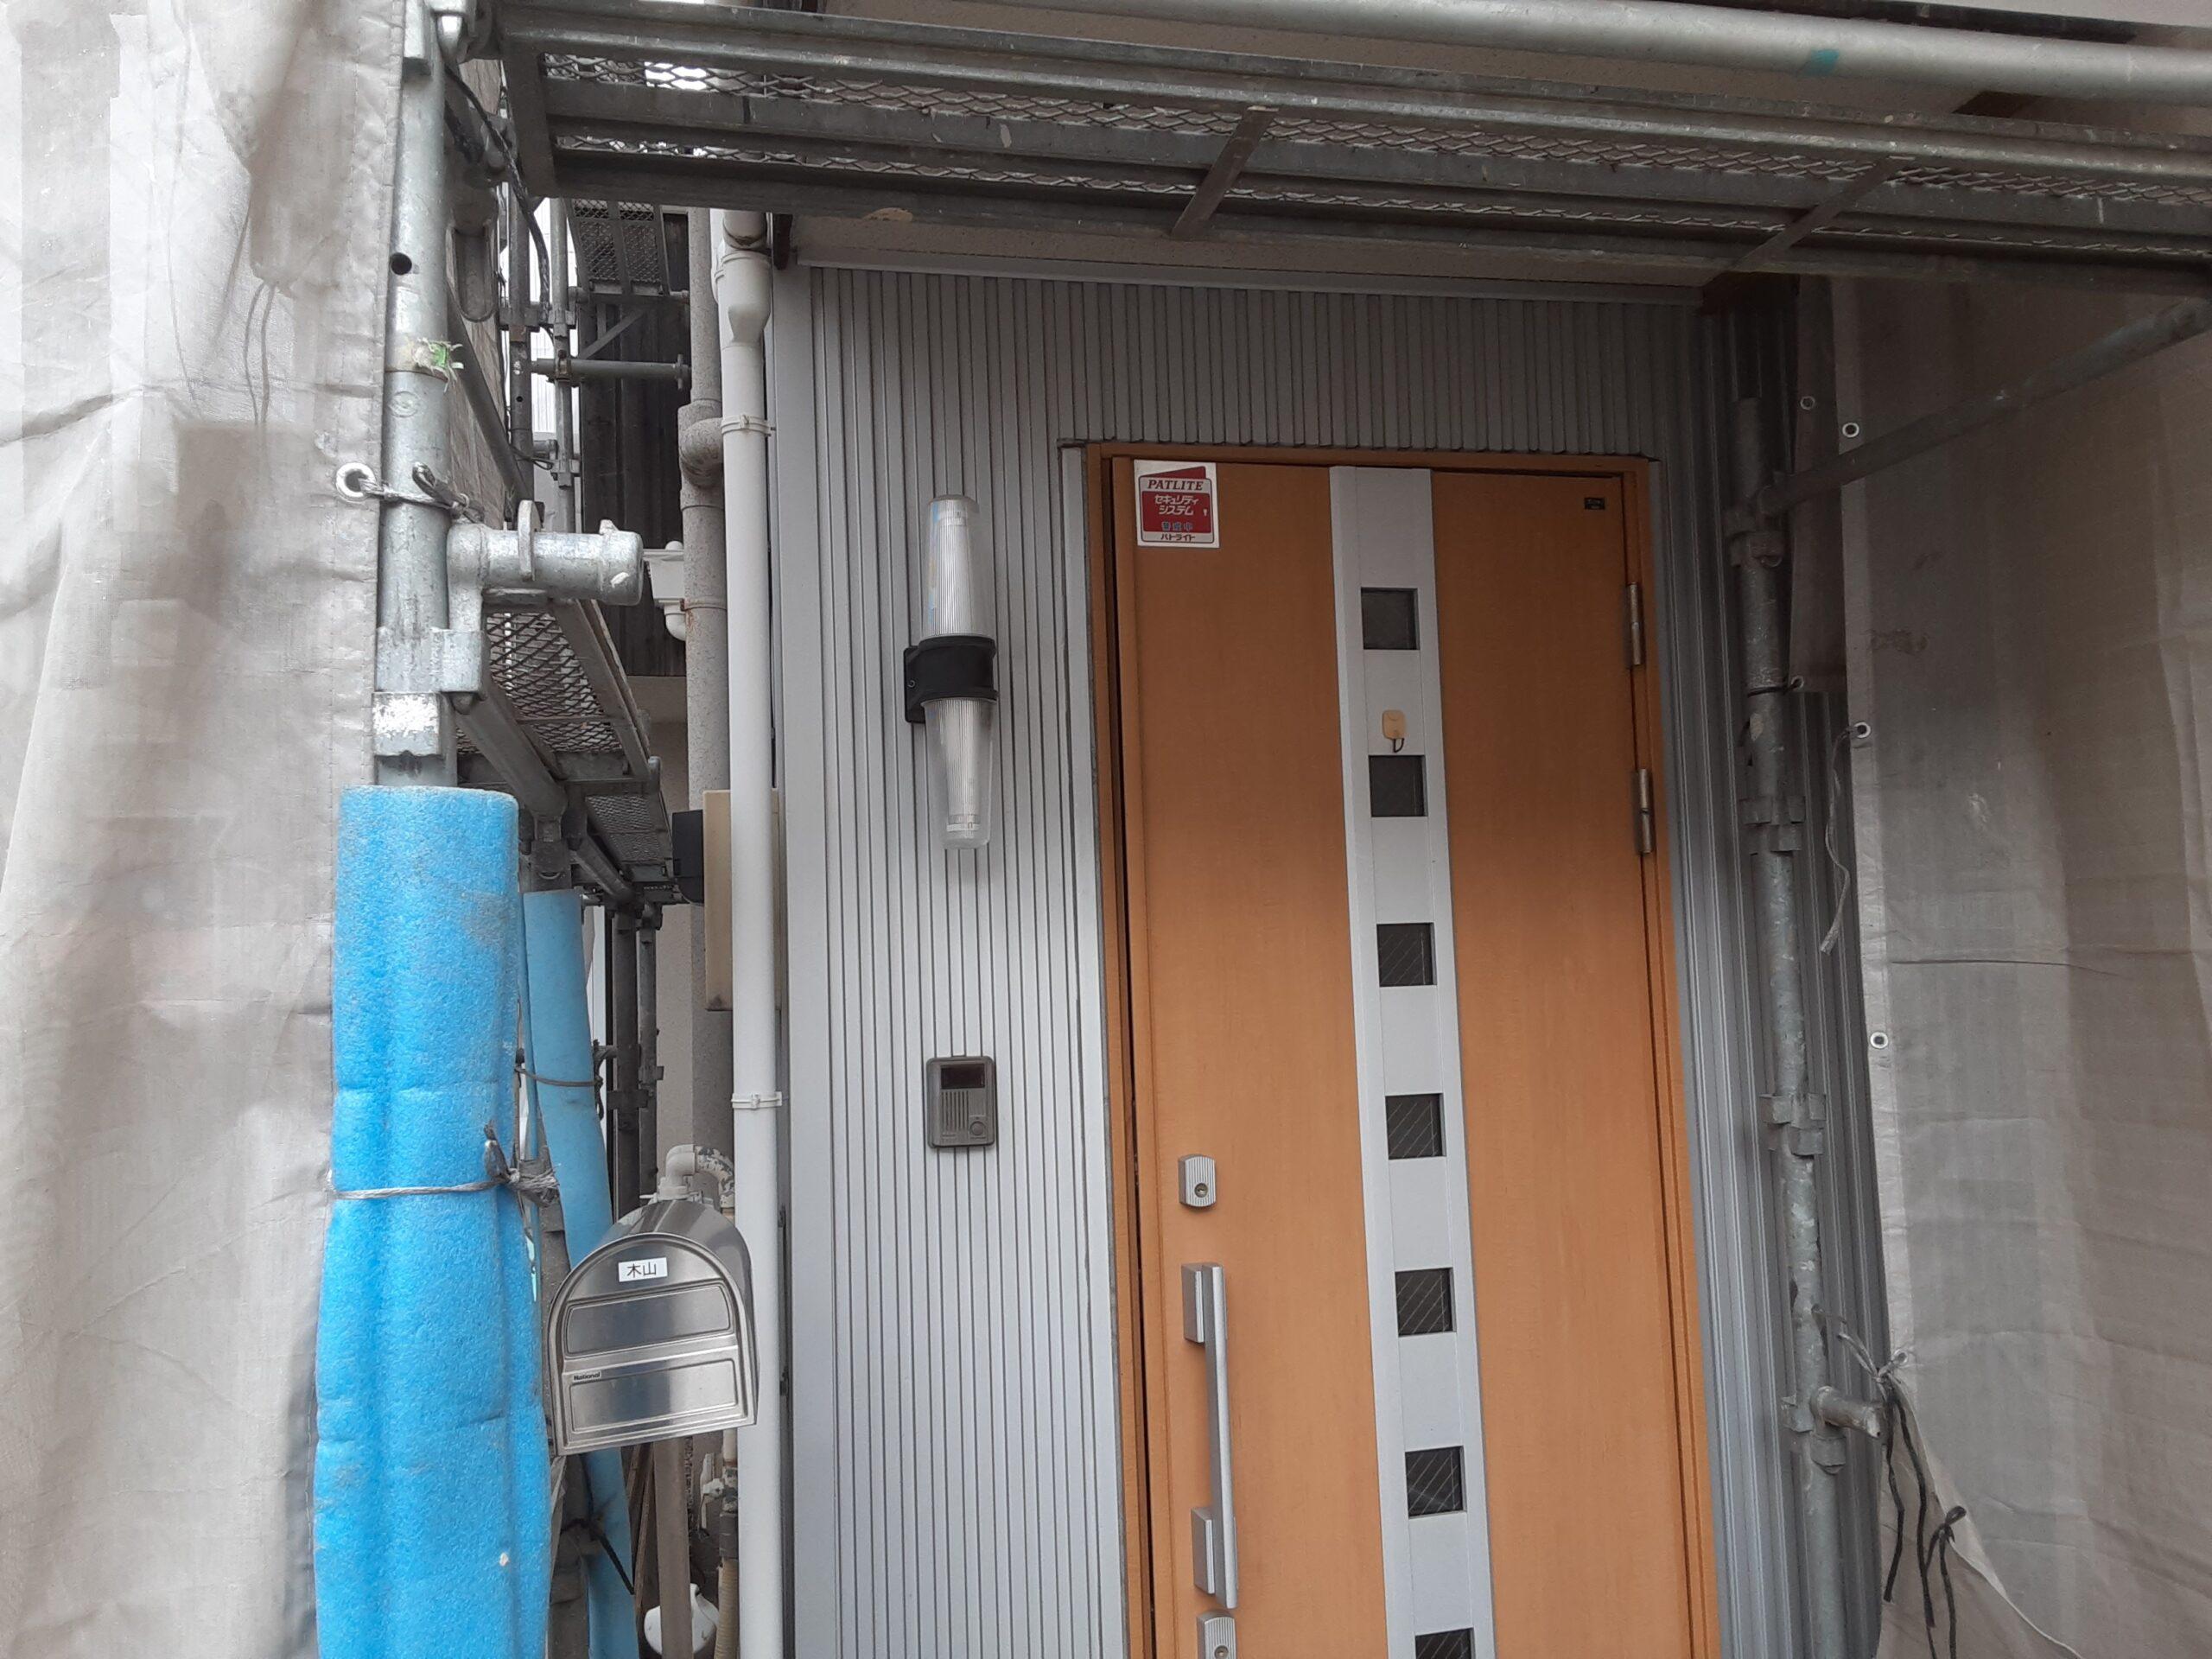 埼玉県さいたま市中央区のK様邸(木造2階建て)にて外壁の高圧洗浄